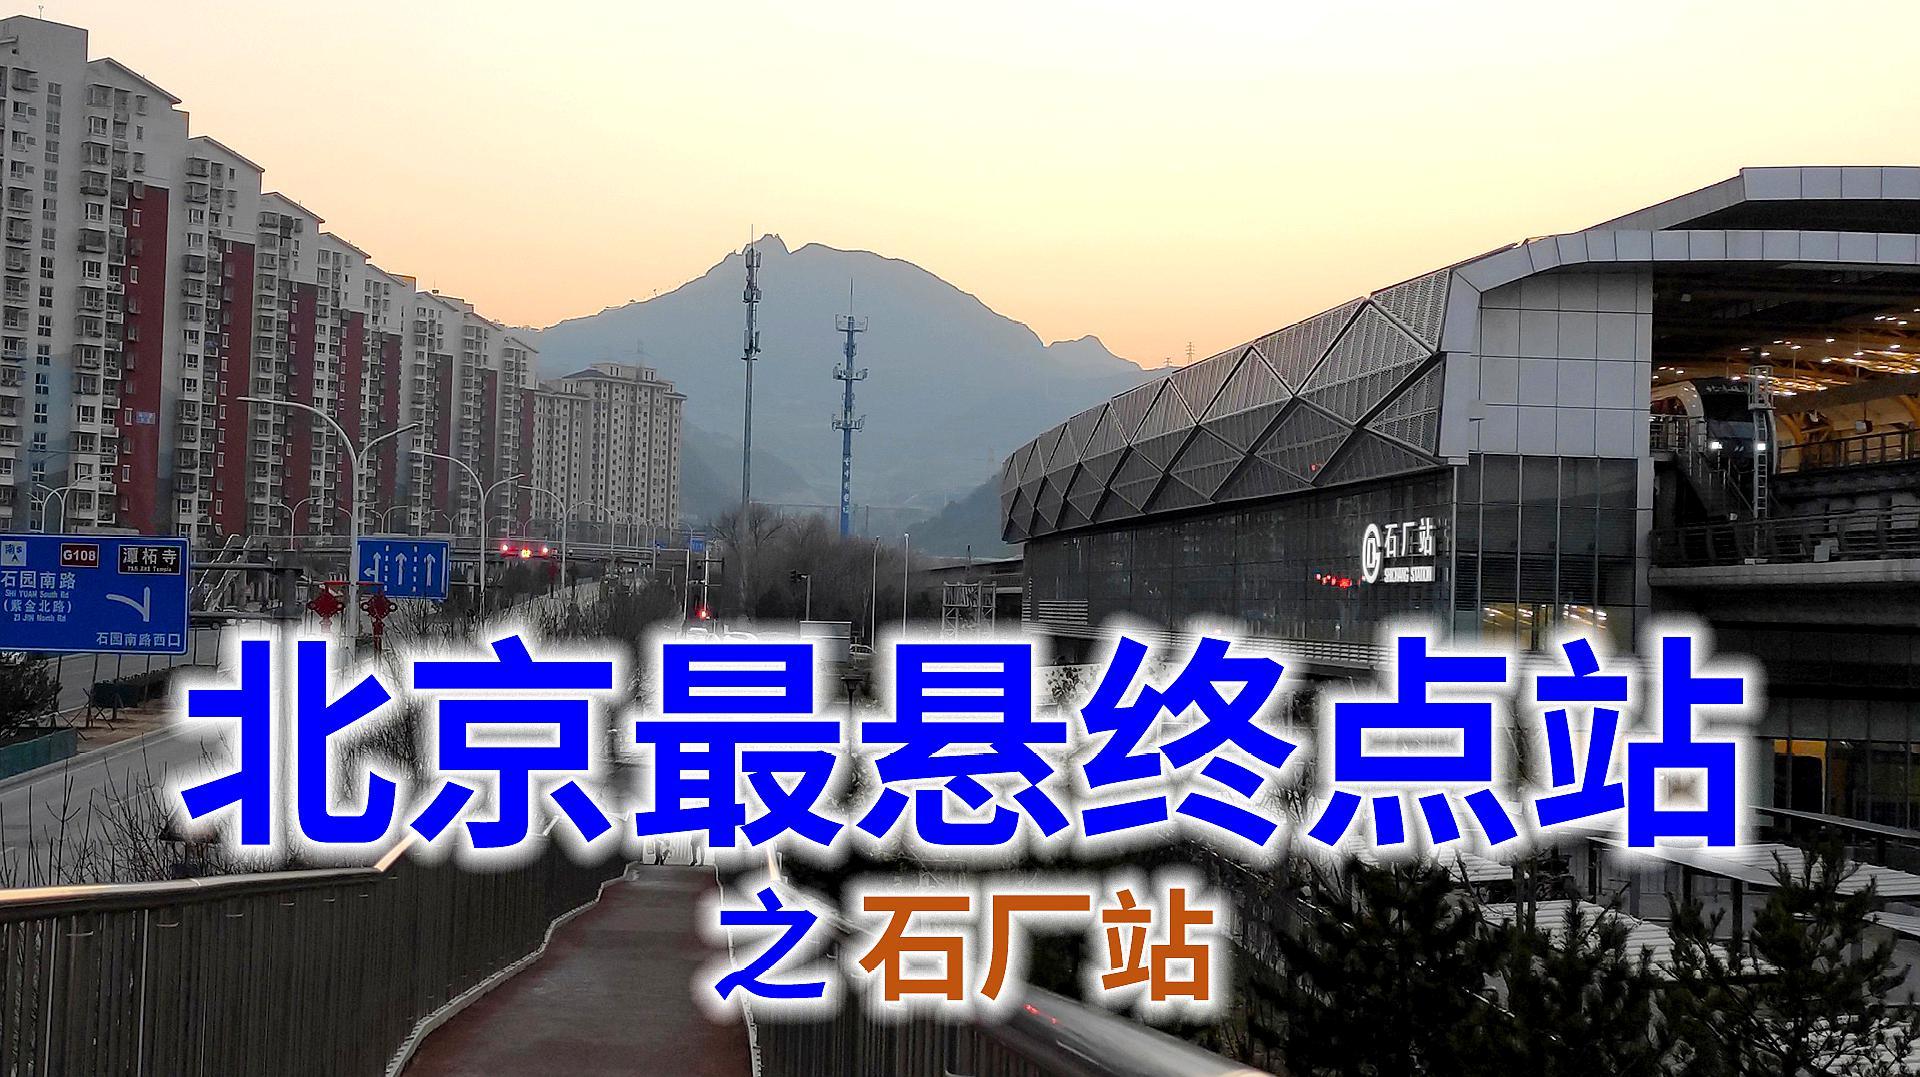 北京最悬地铁终点站,没有车轮的地铁如何运行?门头沟区唯一地铁